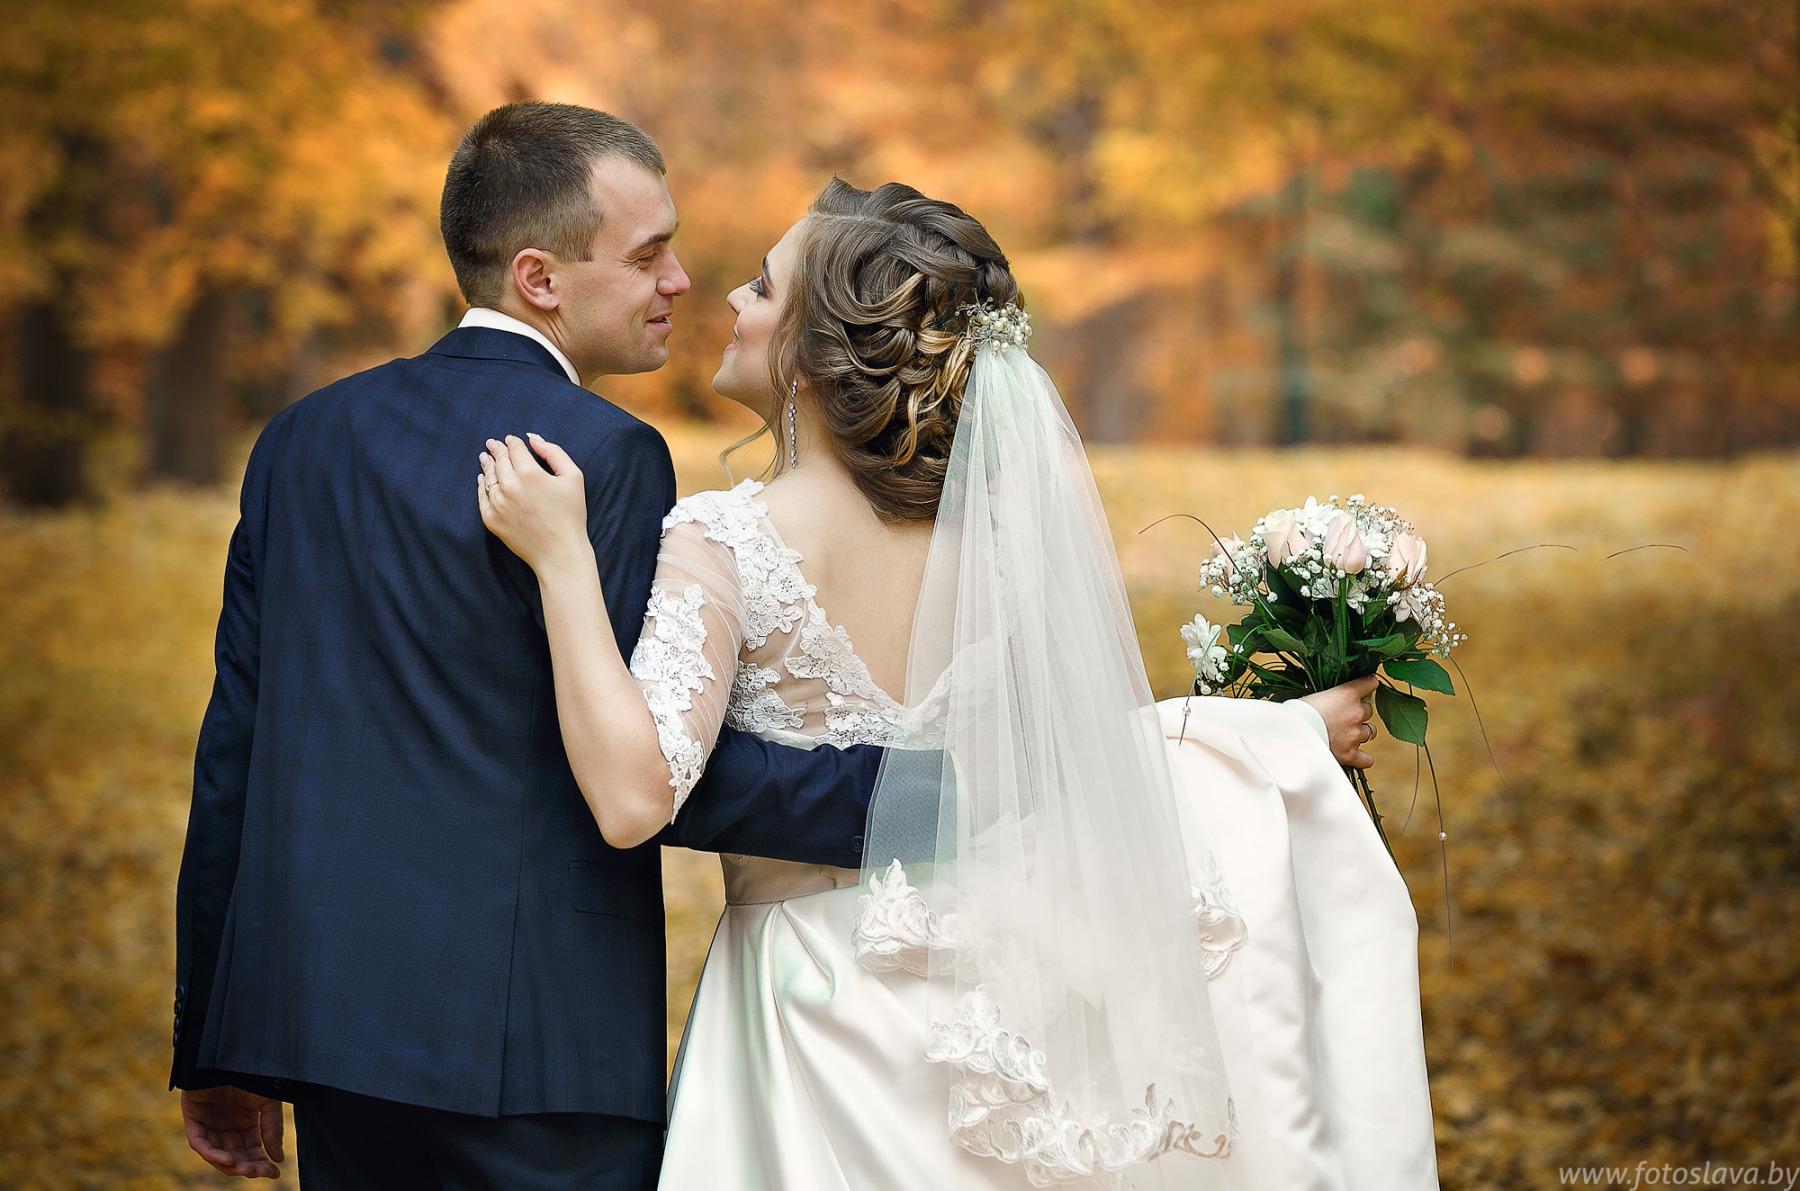 выкладывала новые идеи для свадебных фото в умани собор расположен